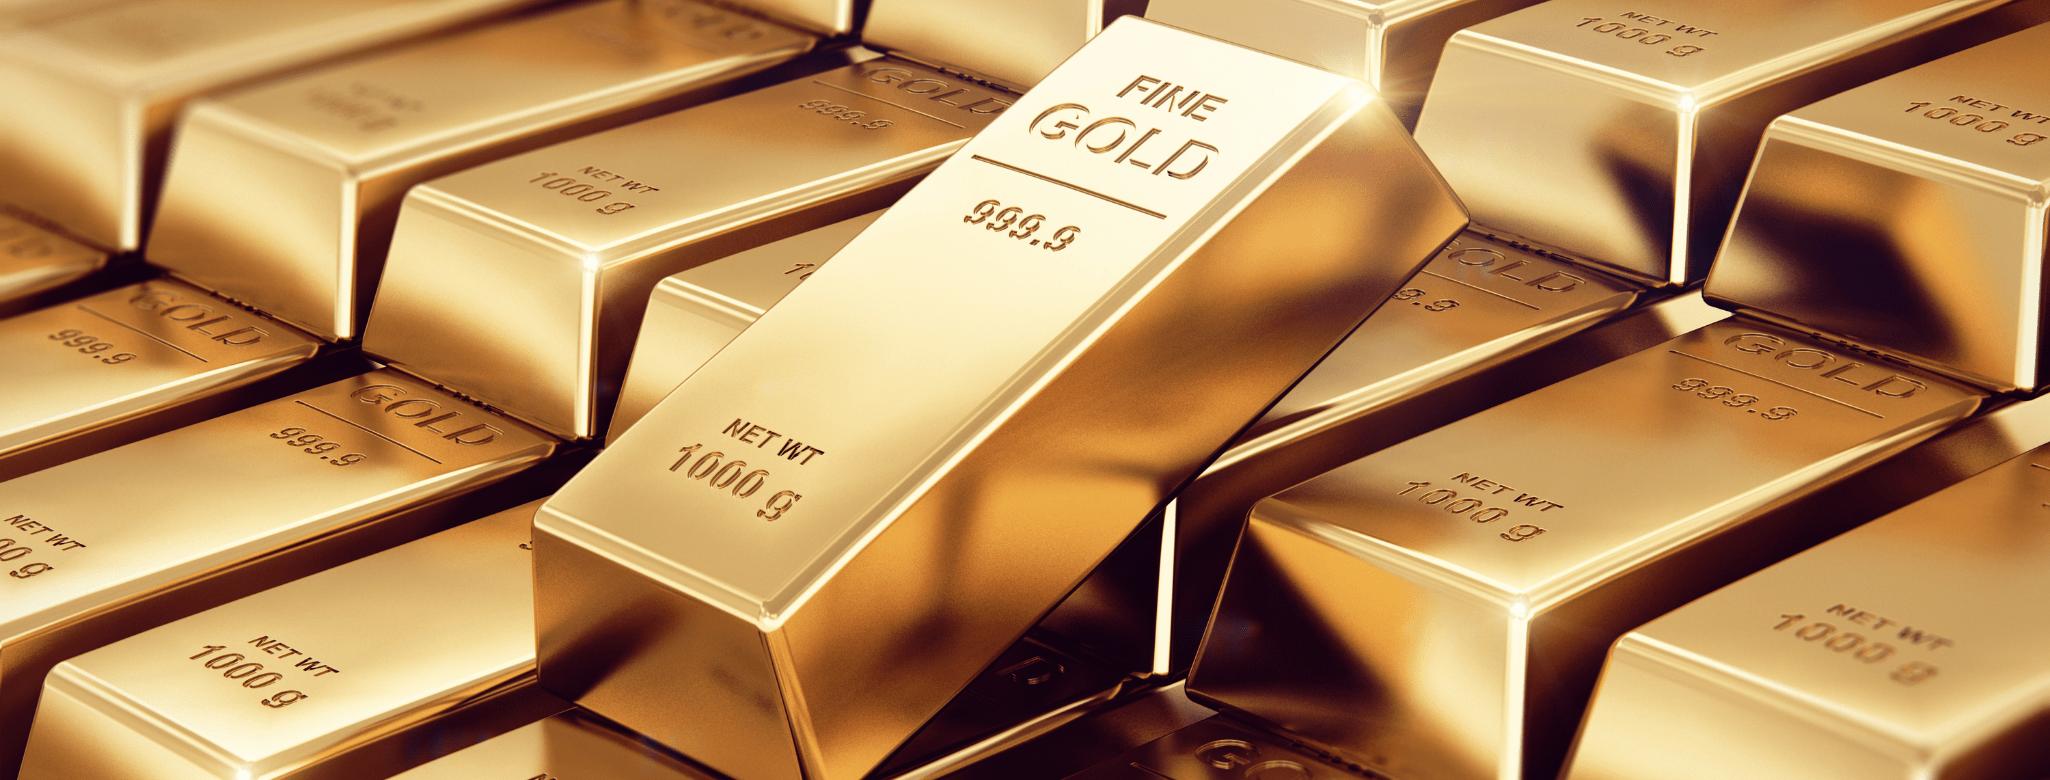 2021: orientarsi tra risparmio in oro, mercati e trend